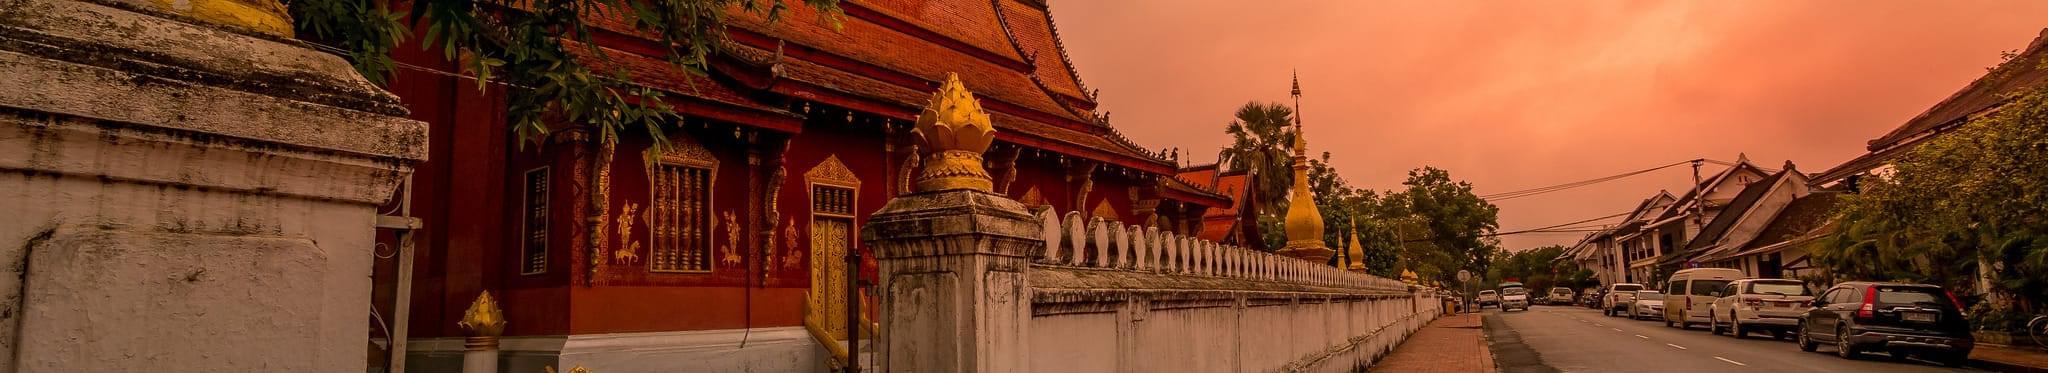 Страна вечного спокойствия:<br>Вьентьян, Луанг Прабанг